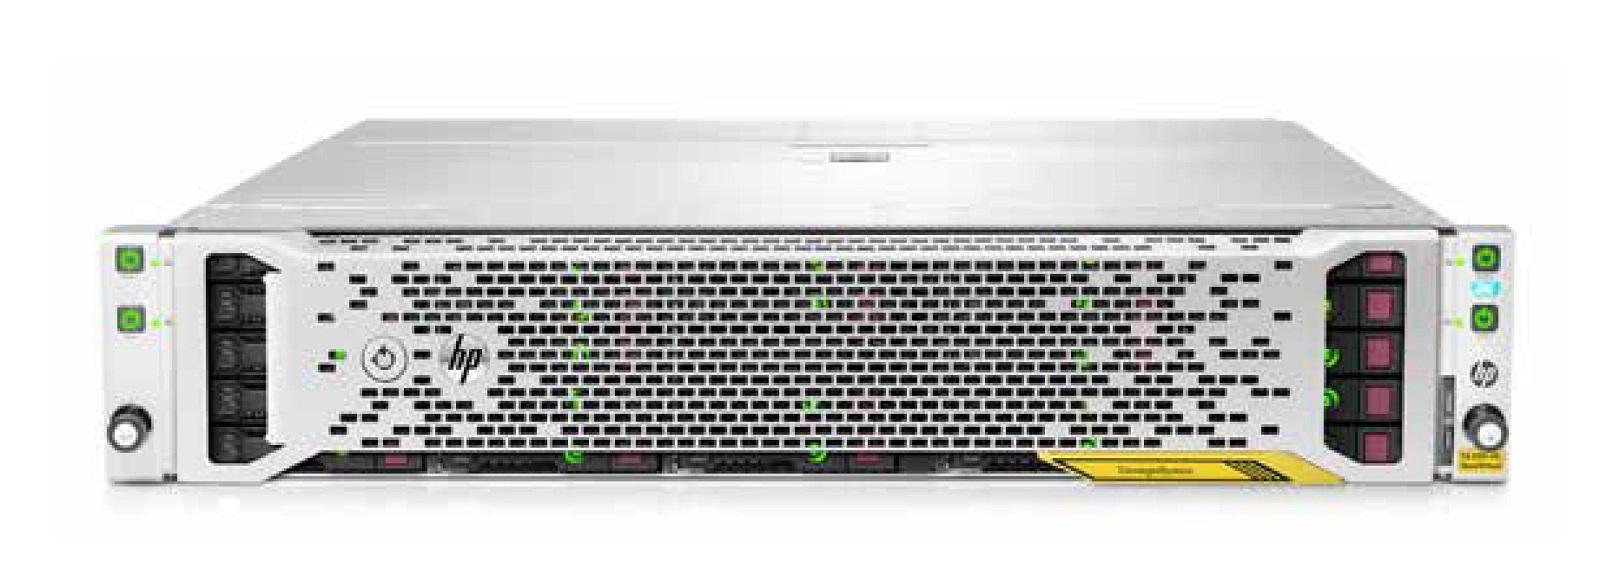 HP超融合系统CS250解析:存储架构